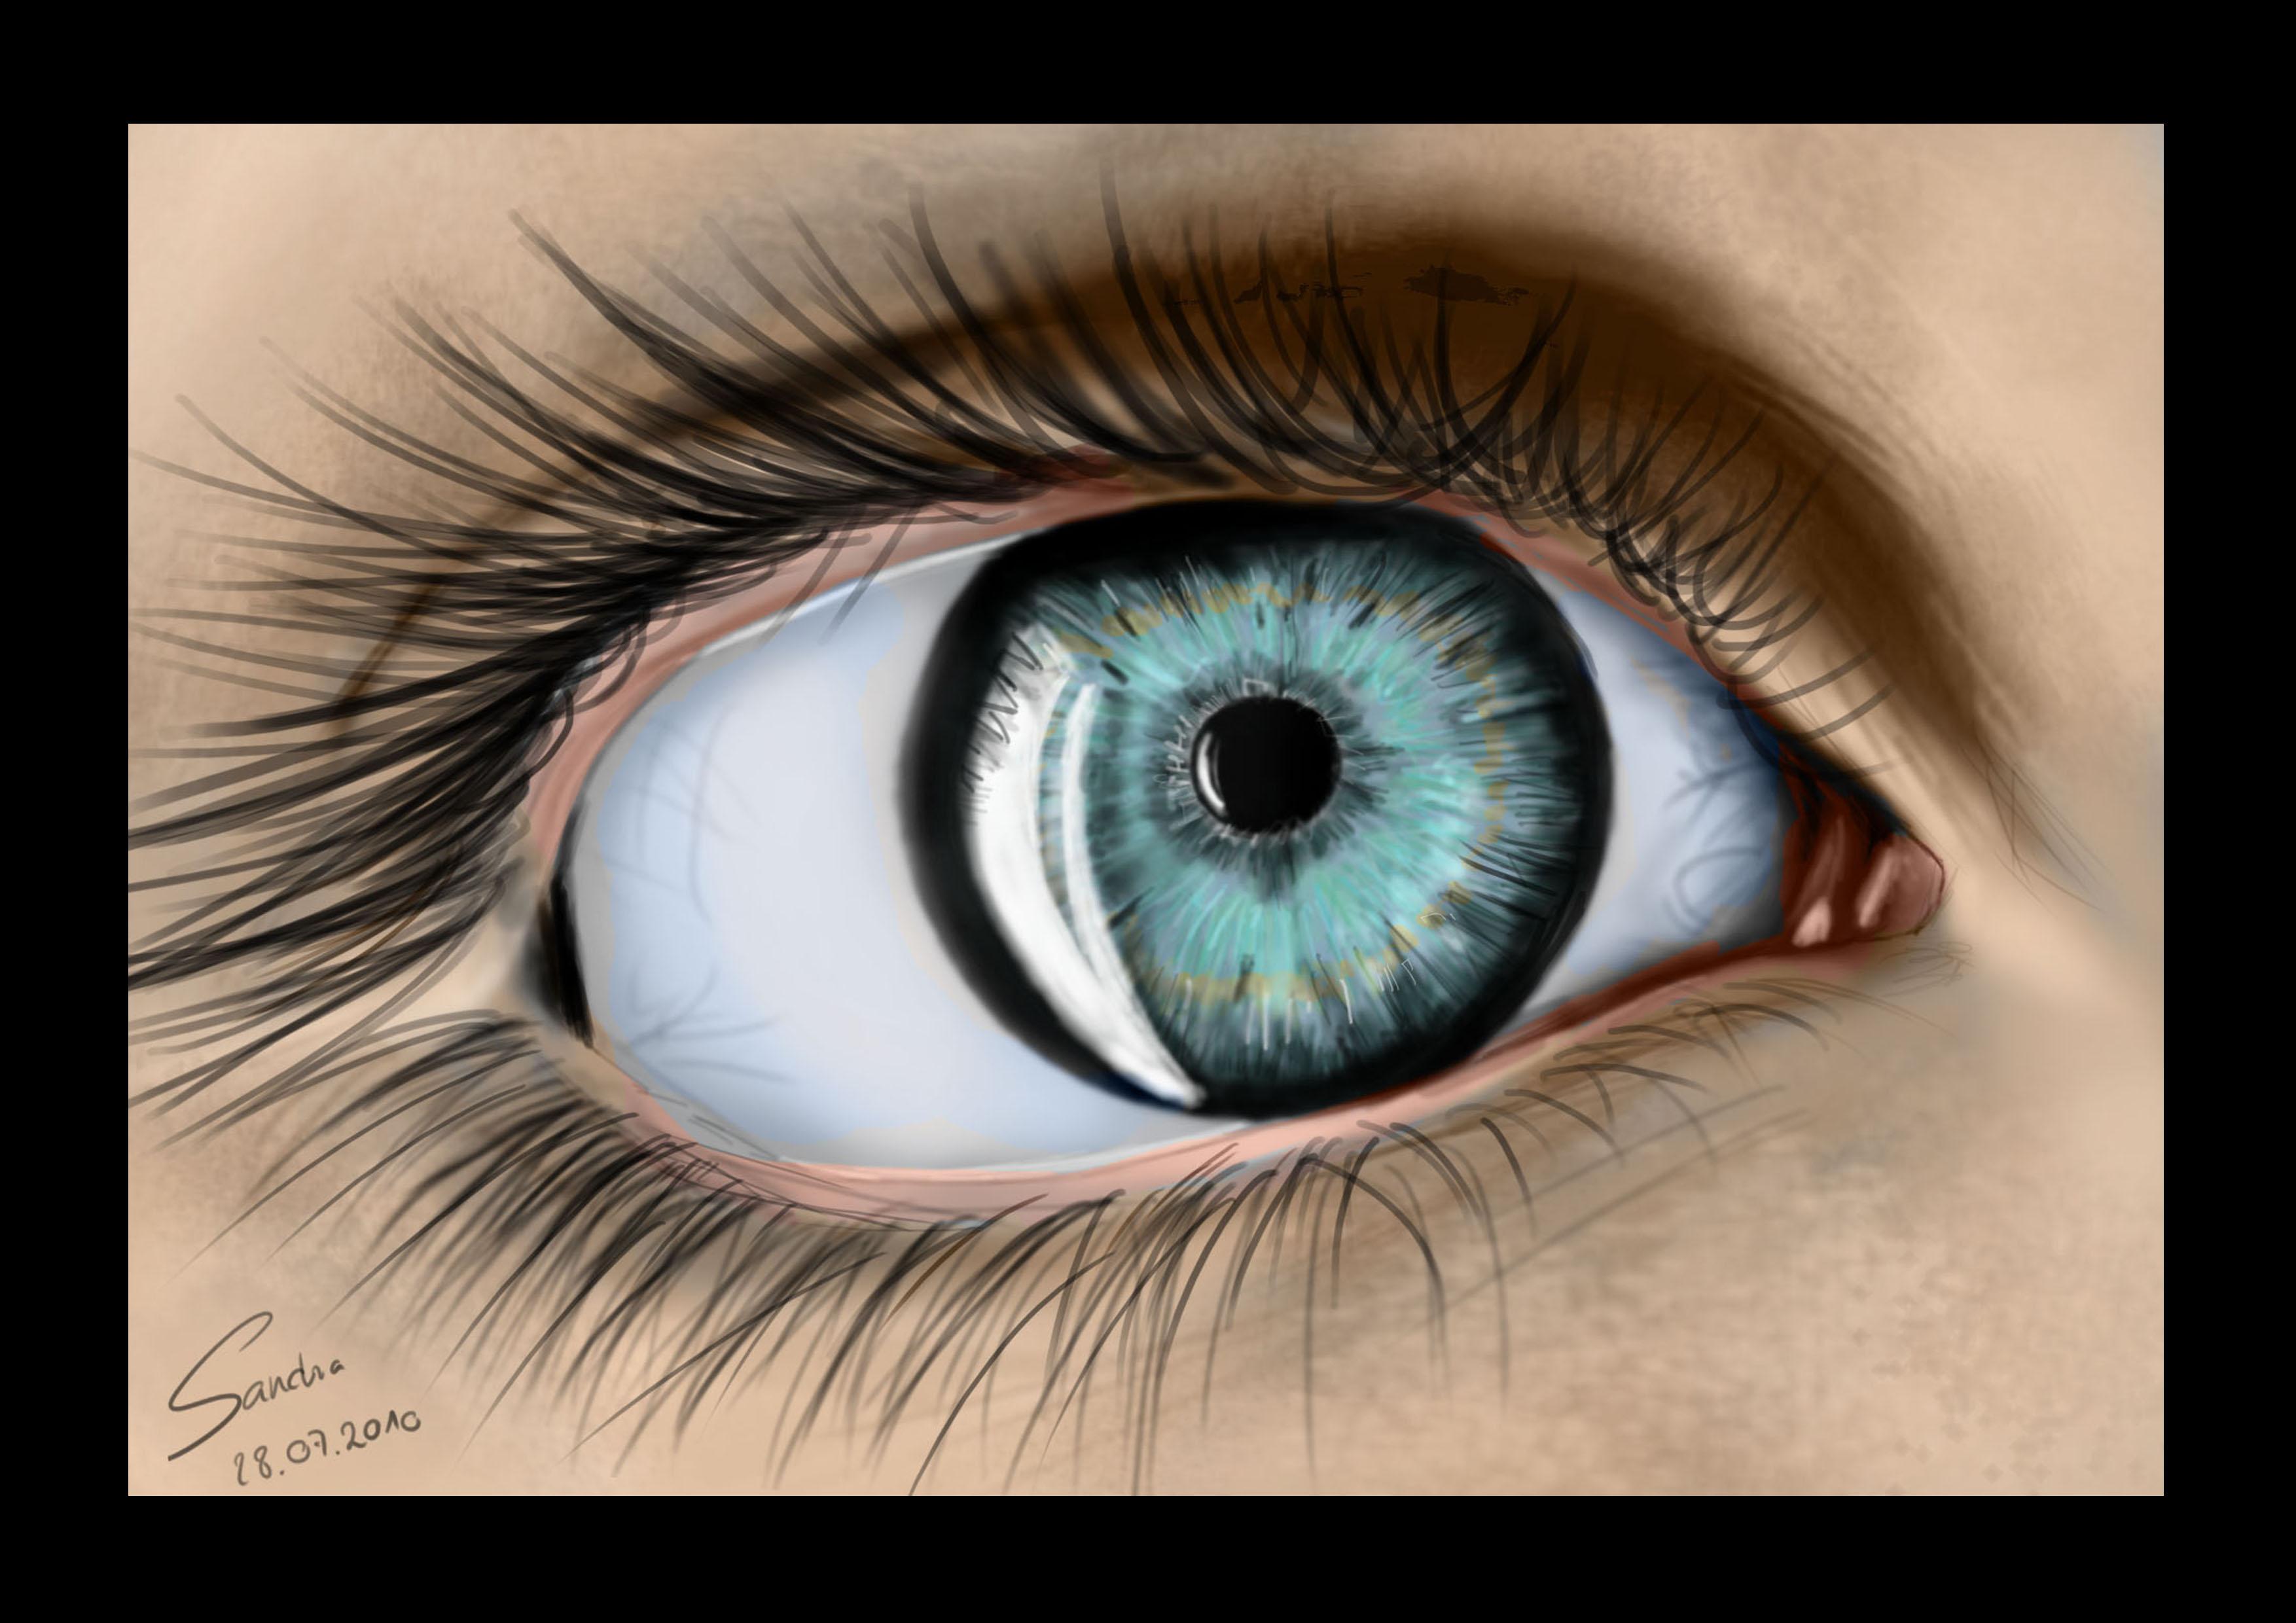 Eye in Color by Sajana25